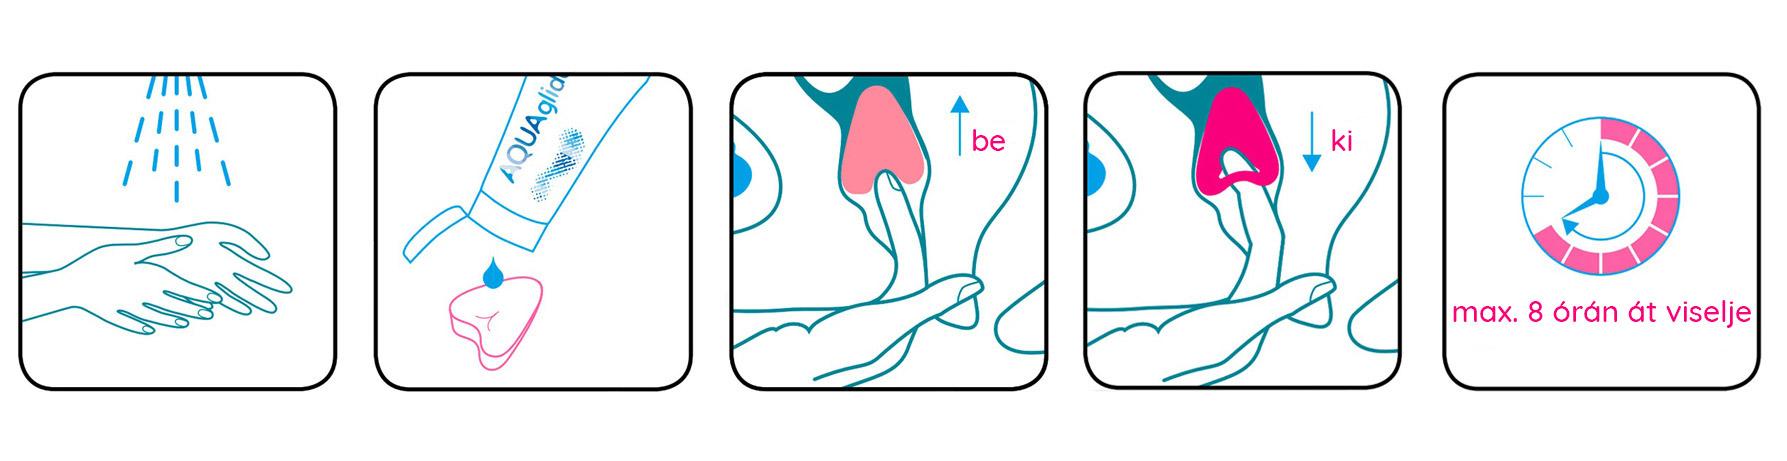 hogyan kell helyesen használni a pénisz hüvelyt pénisz vákuumszivattyú után